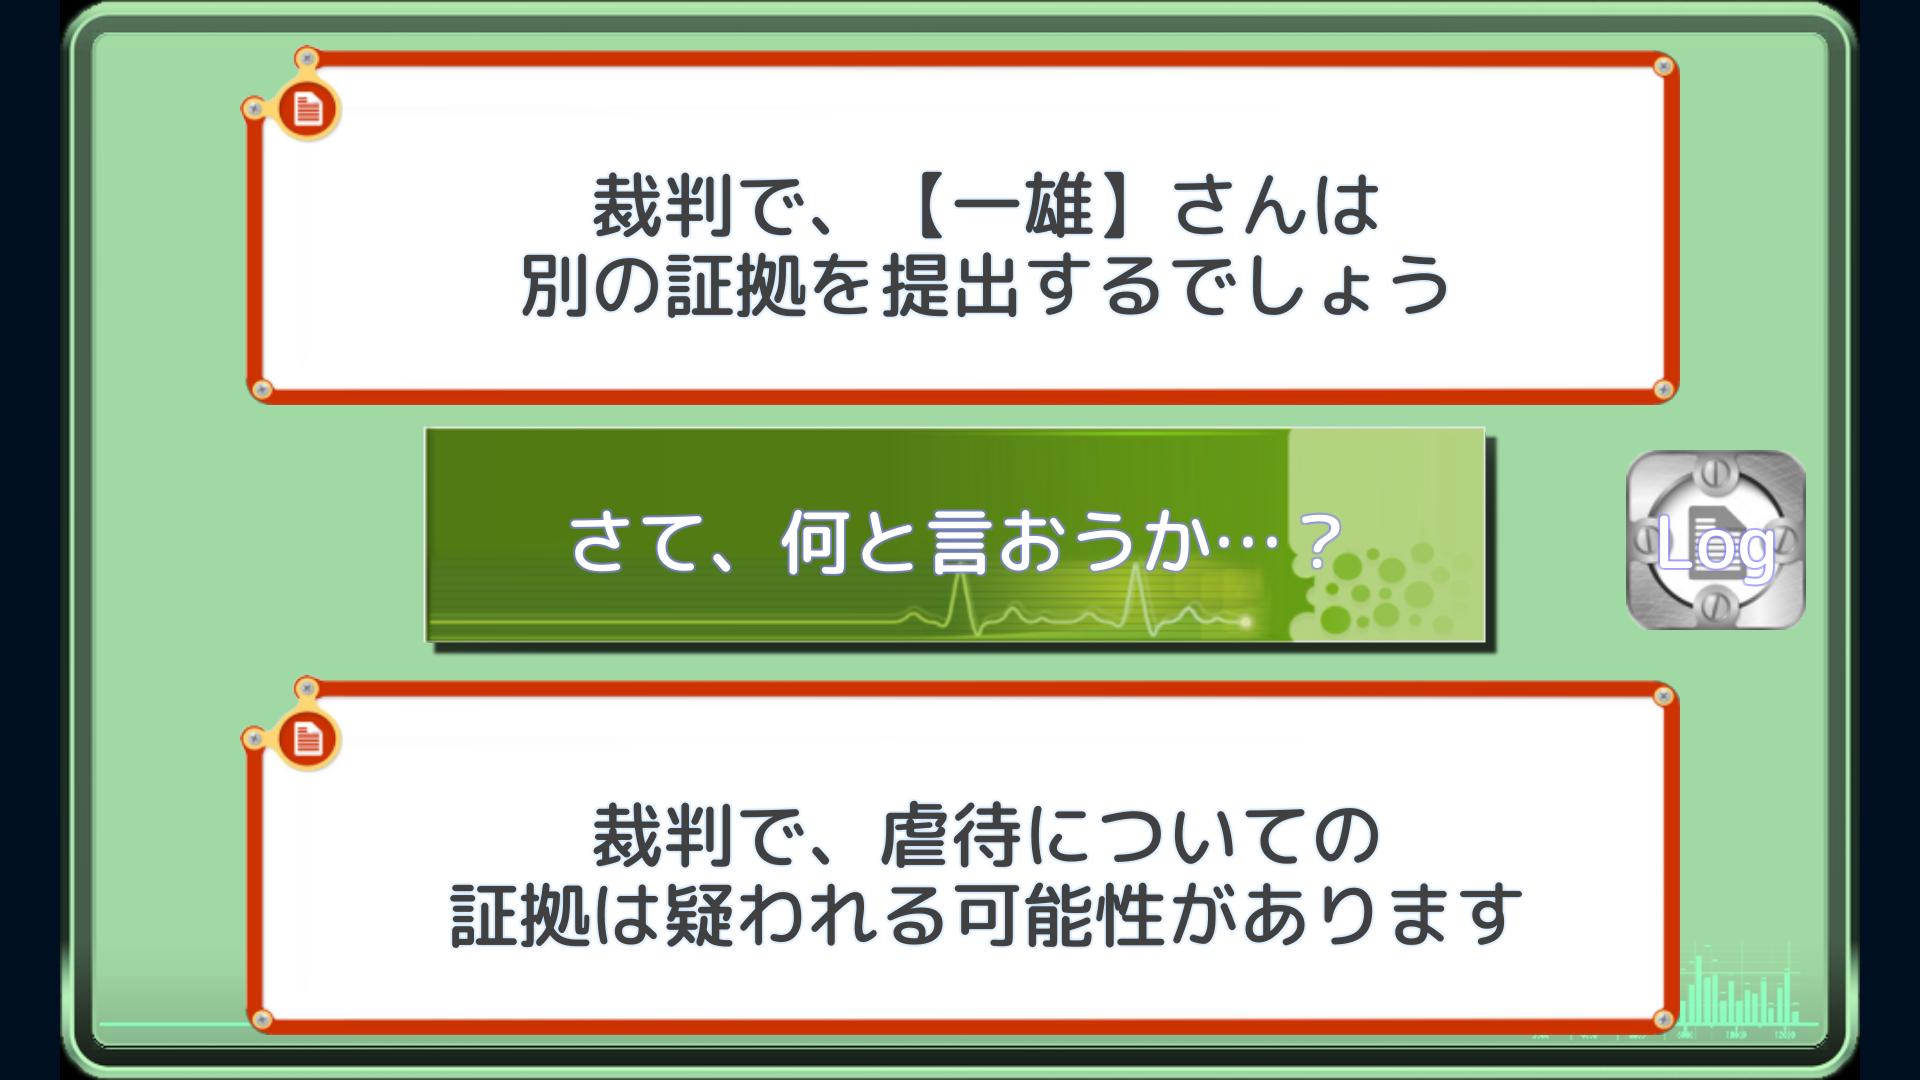 androidアプリ 嘘発見人【万目今日助】 新装版攻略スクリーンショット6